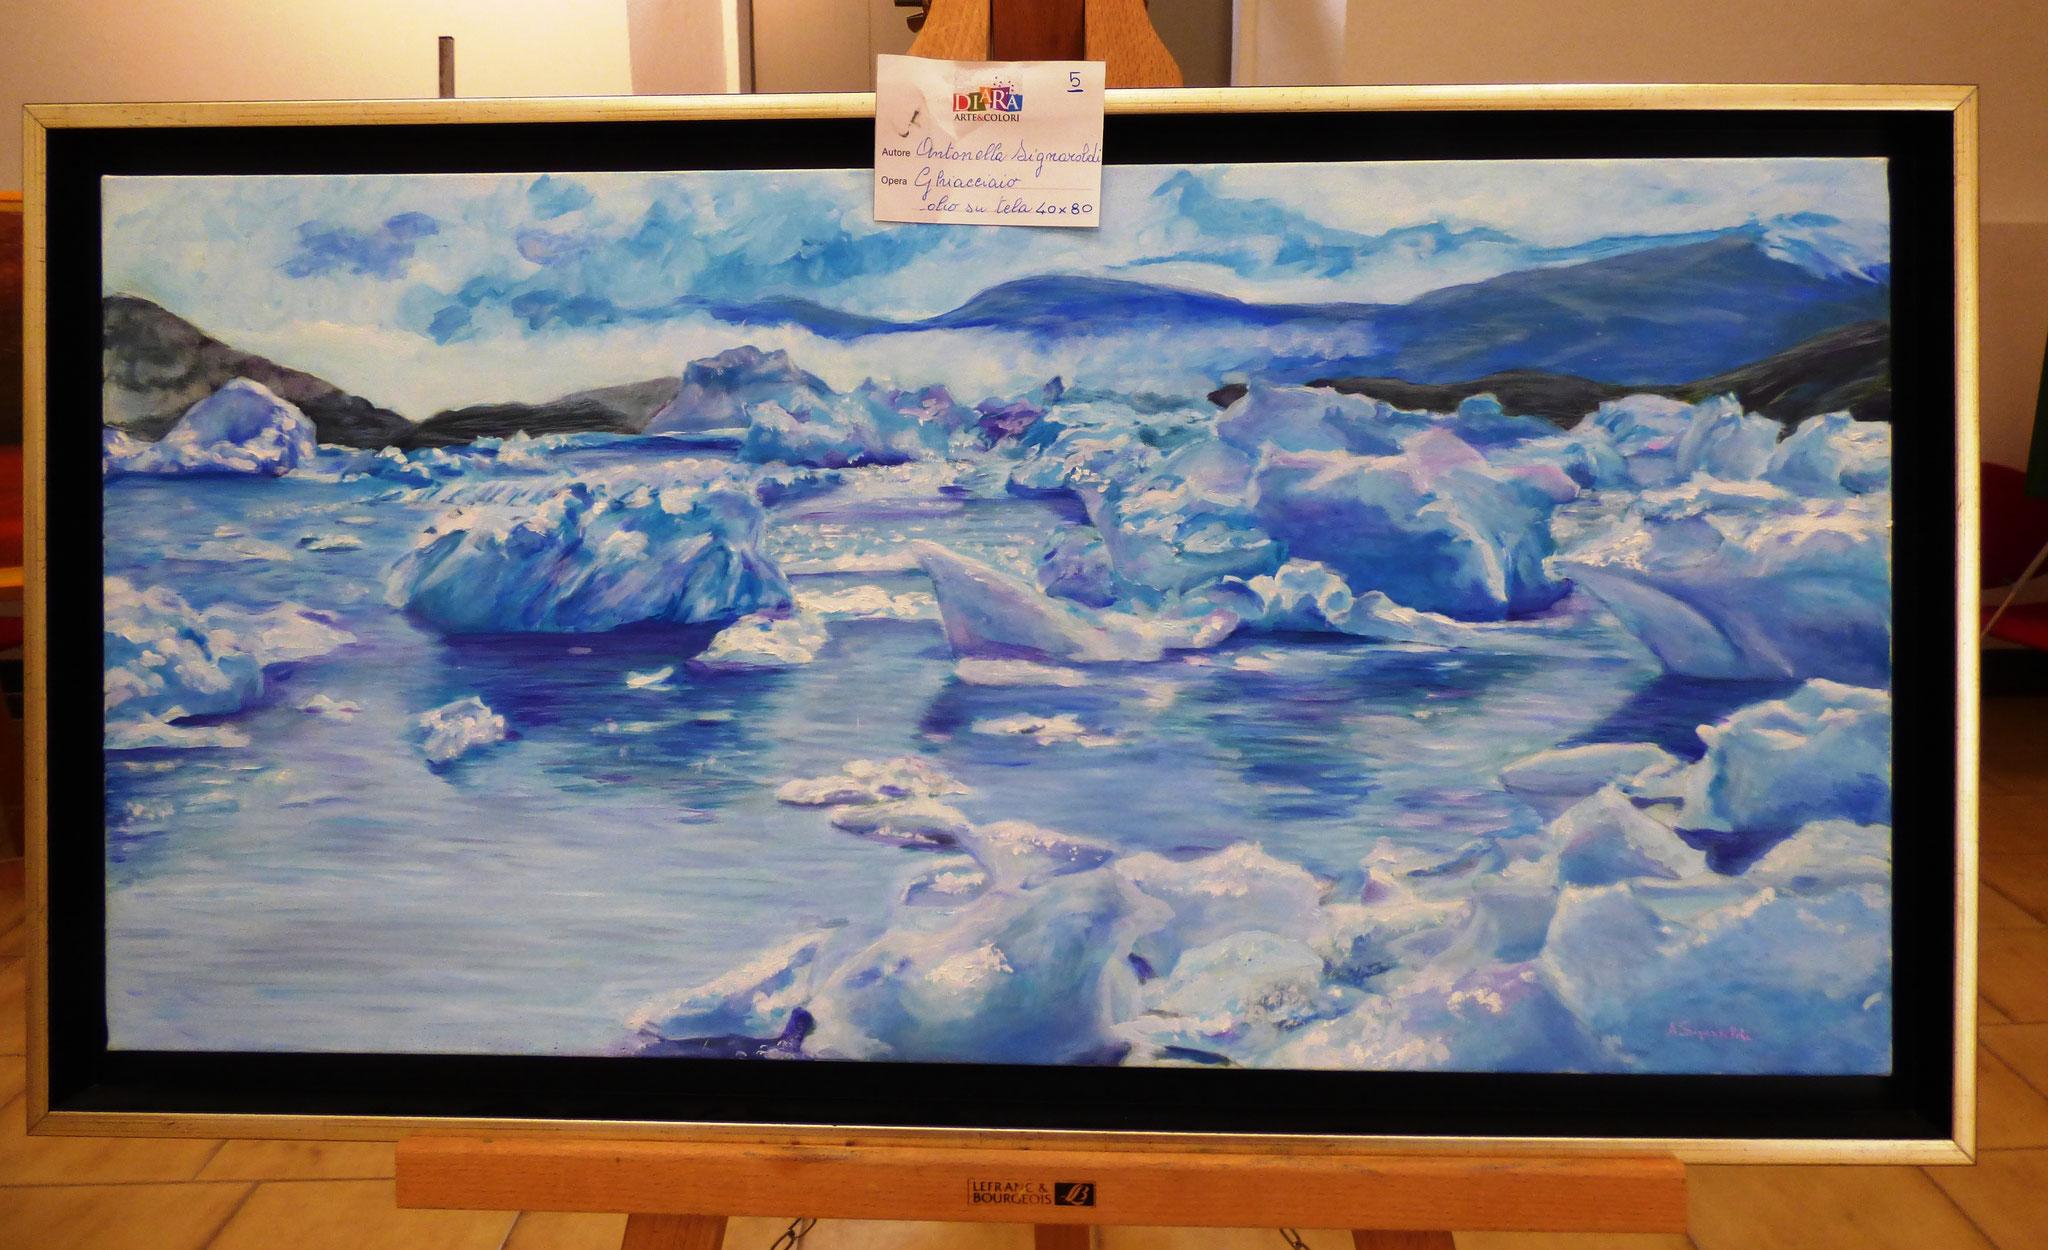 Antonella Signaroldi ghiacciaio olio su tela 40x80